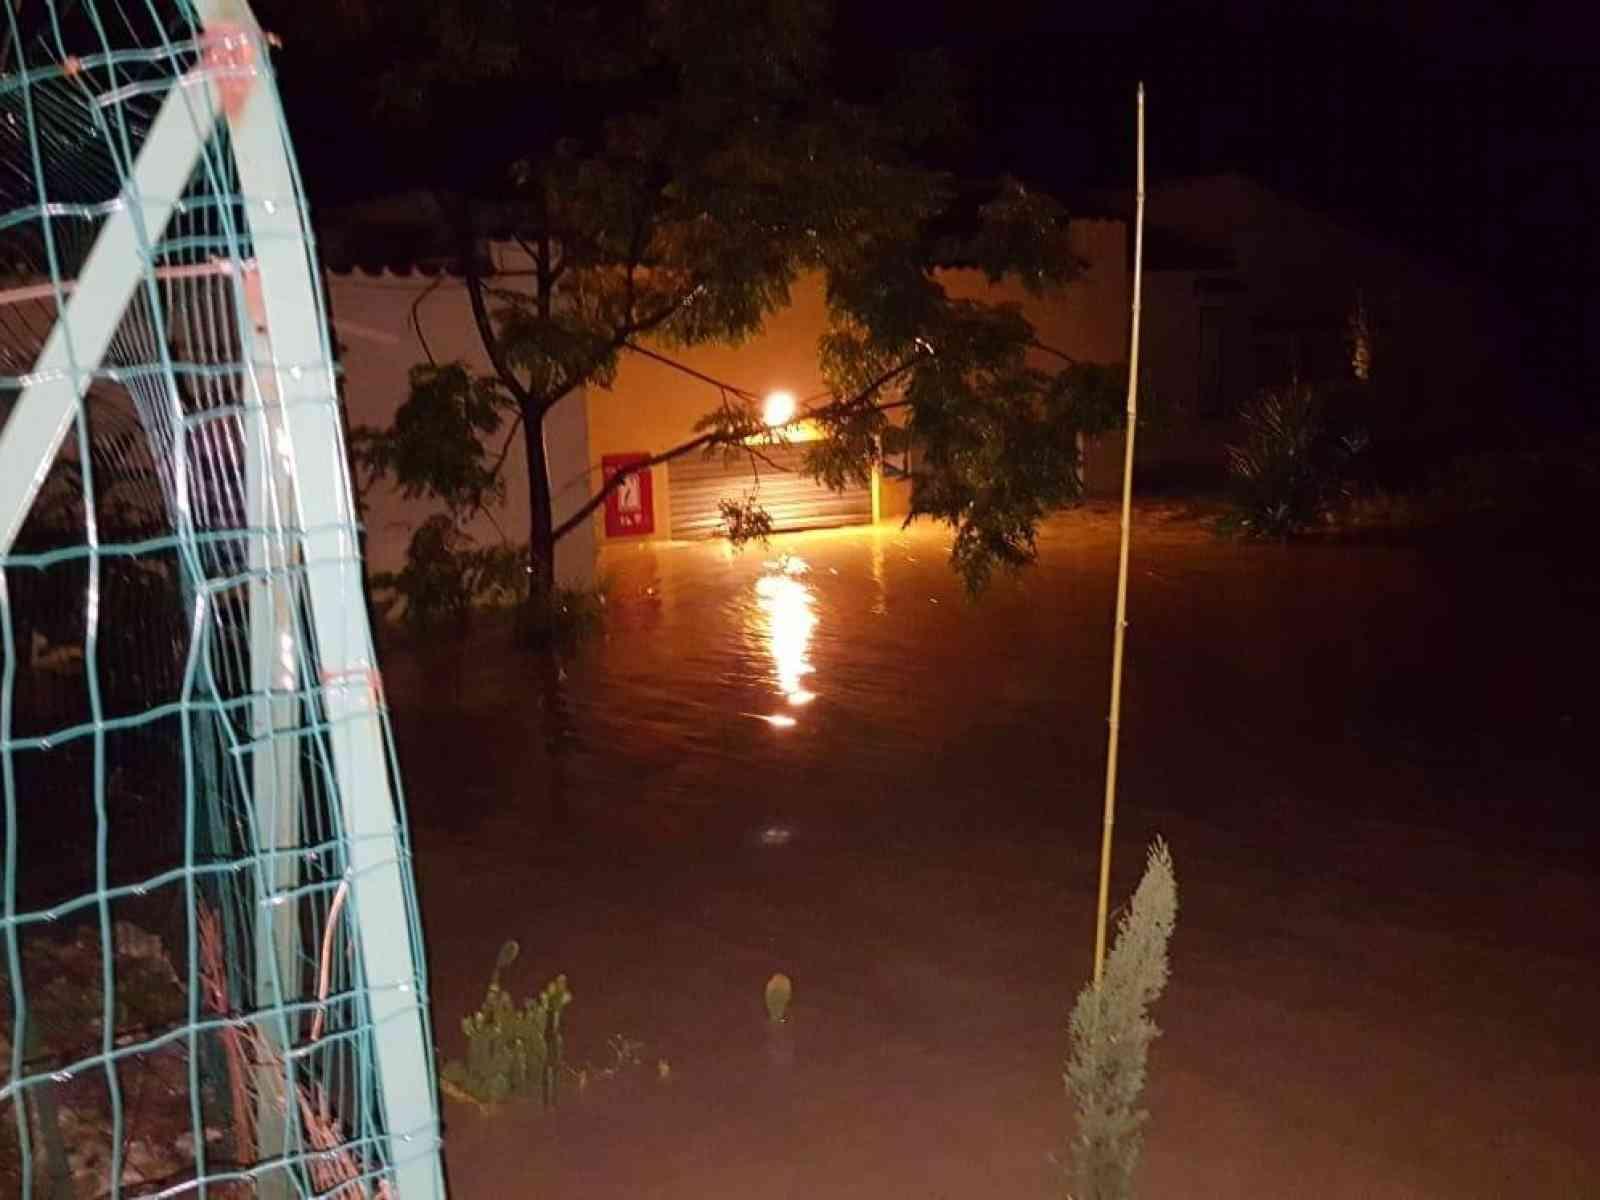 Immagine articolo: Montevago. Terme Acquapia allagate, i vigili del fuoco mettono in salvo 14 persone